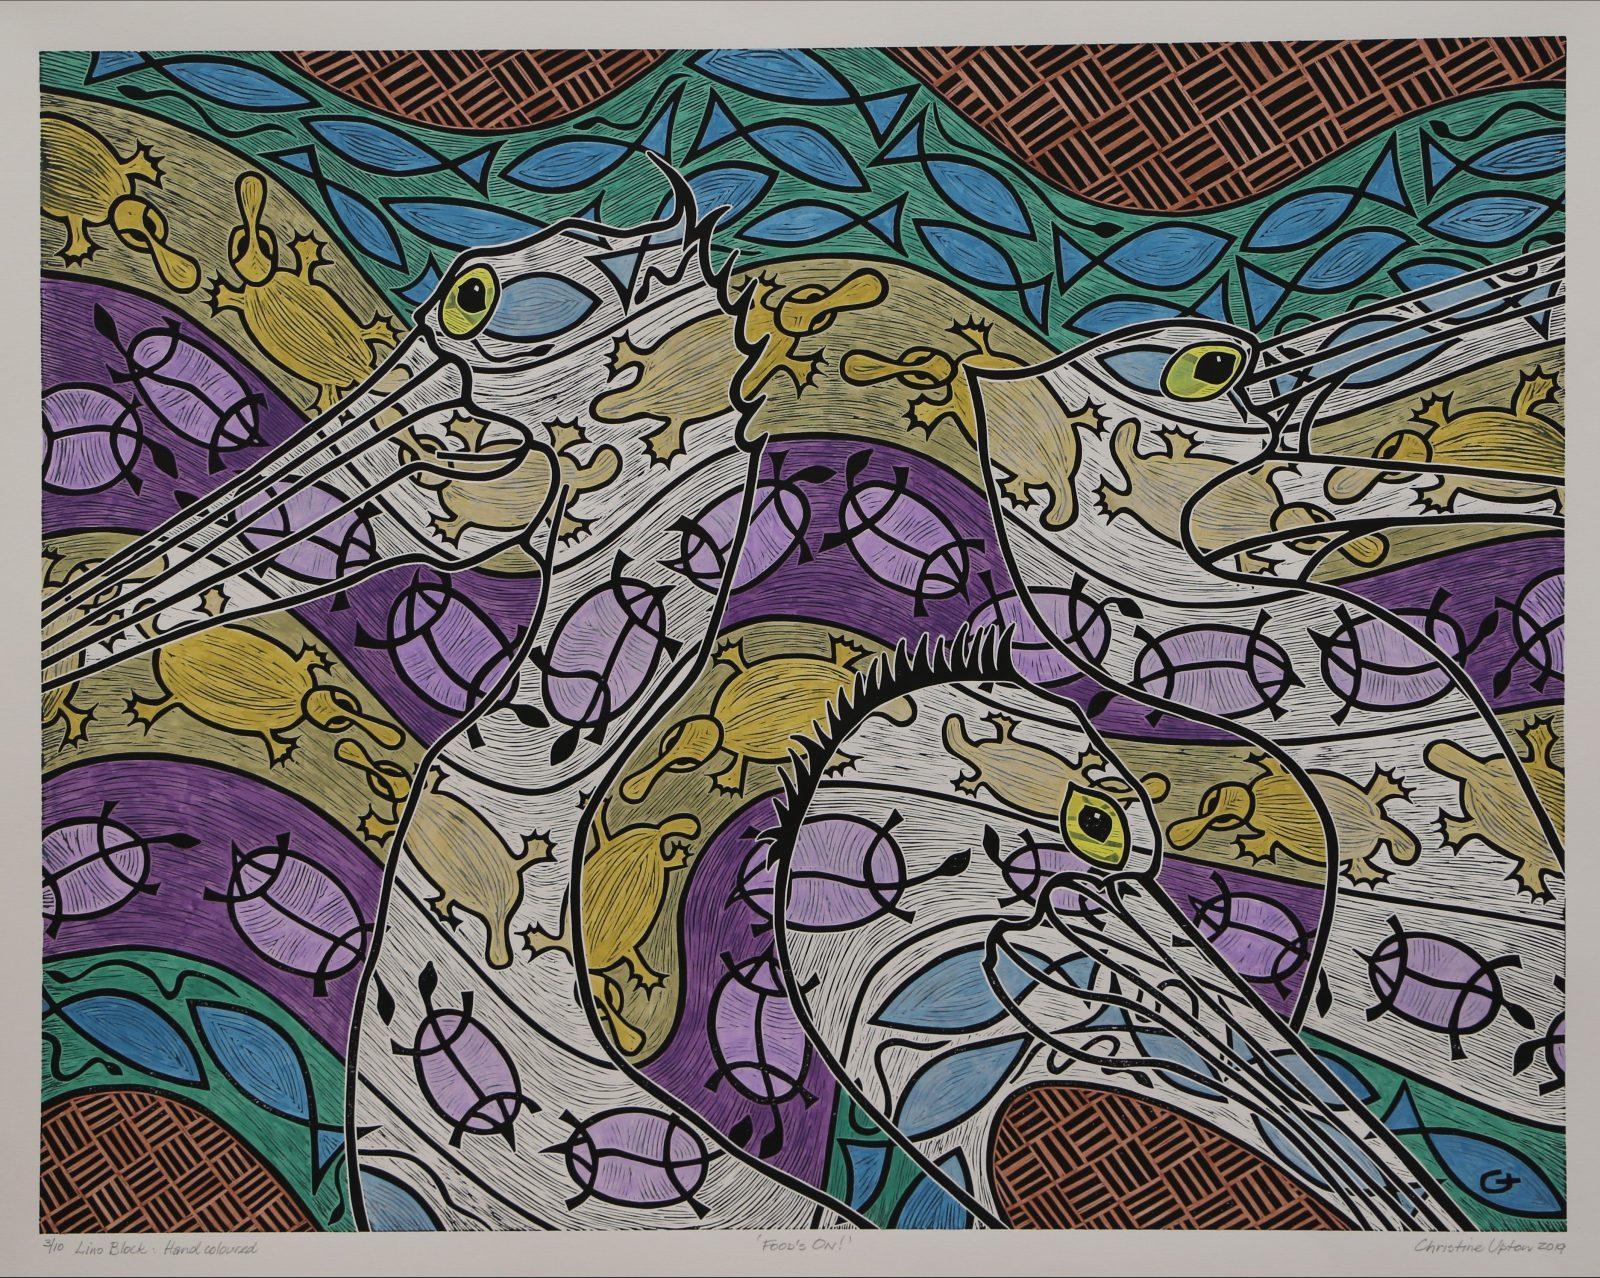 detail of original artwork